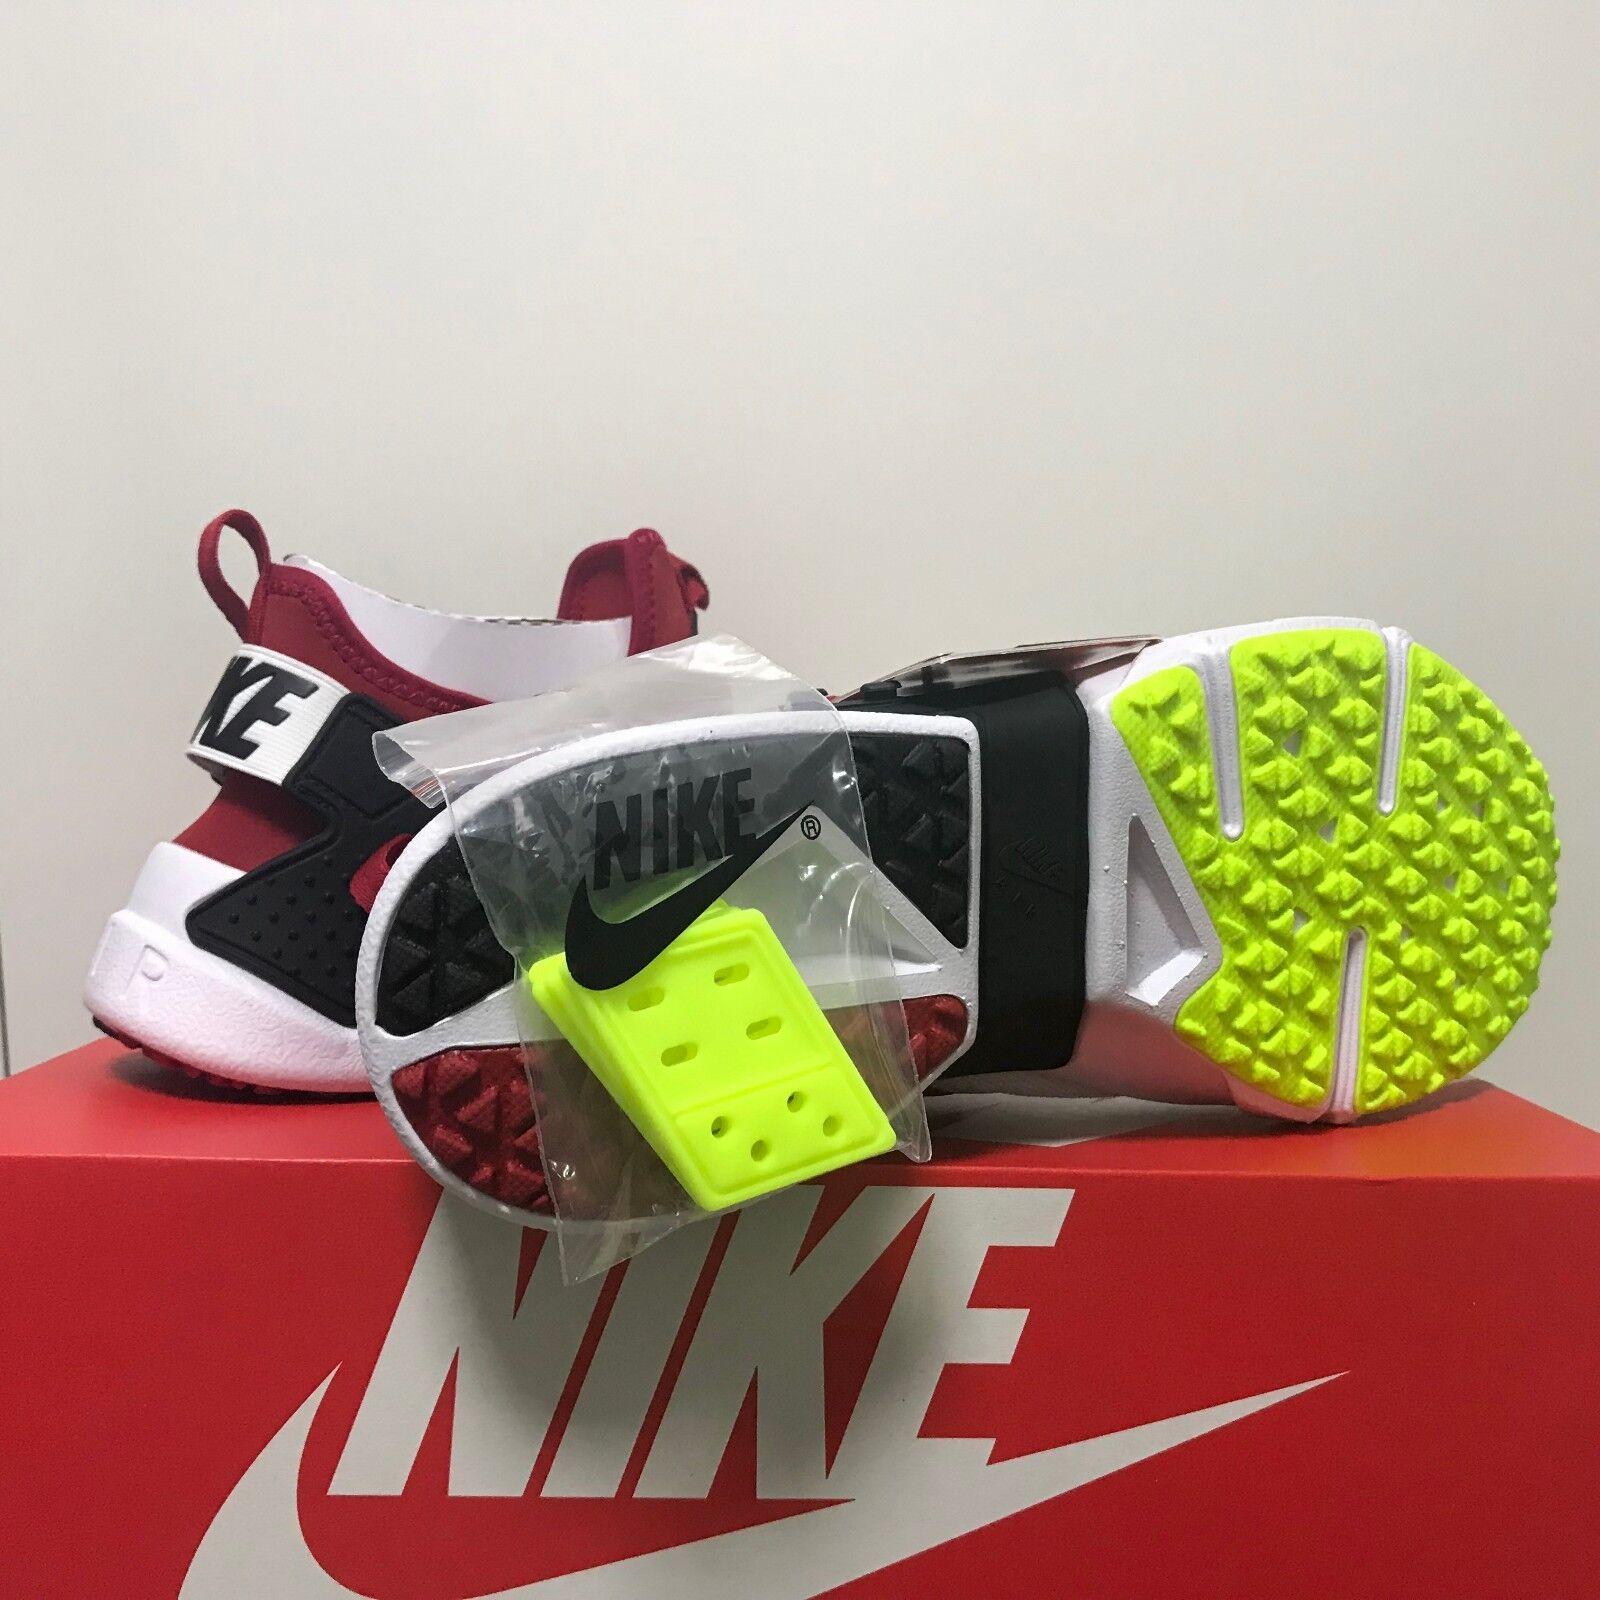 d8fd83c671a Nike Air Air Air Huarache Drift Running shoes AH7334-601 Sz 8-10 100 ...